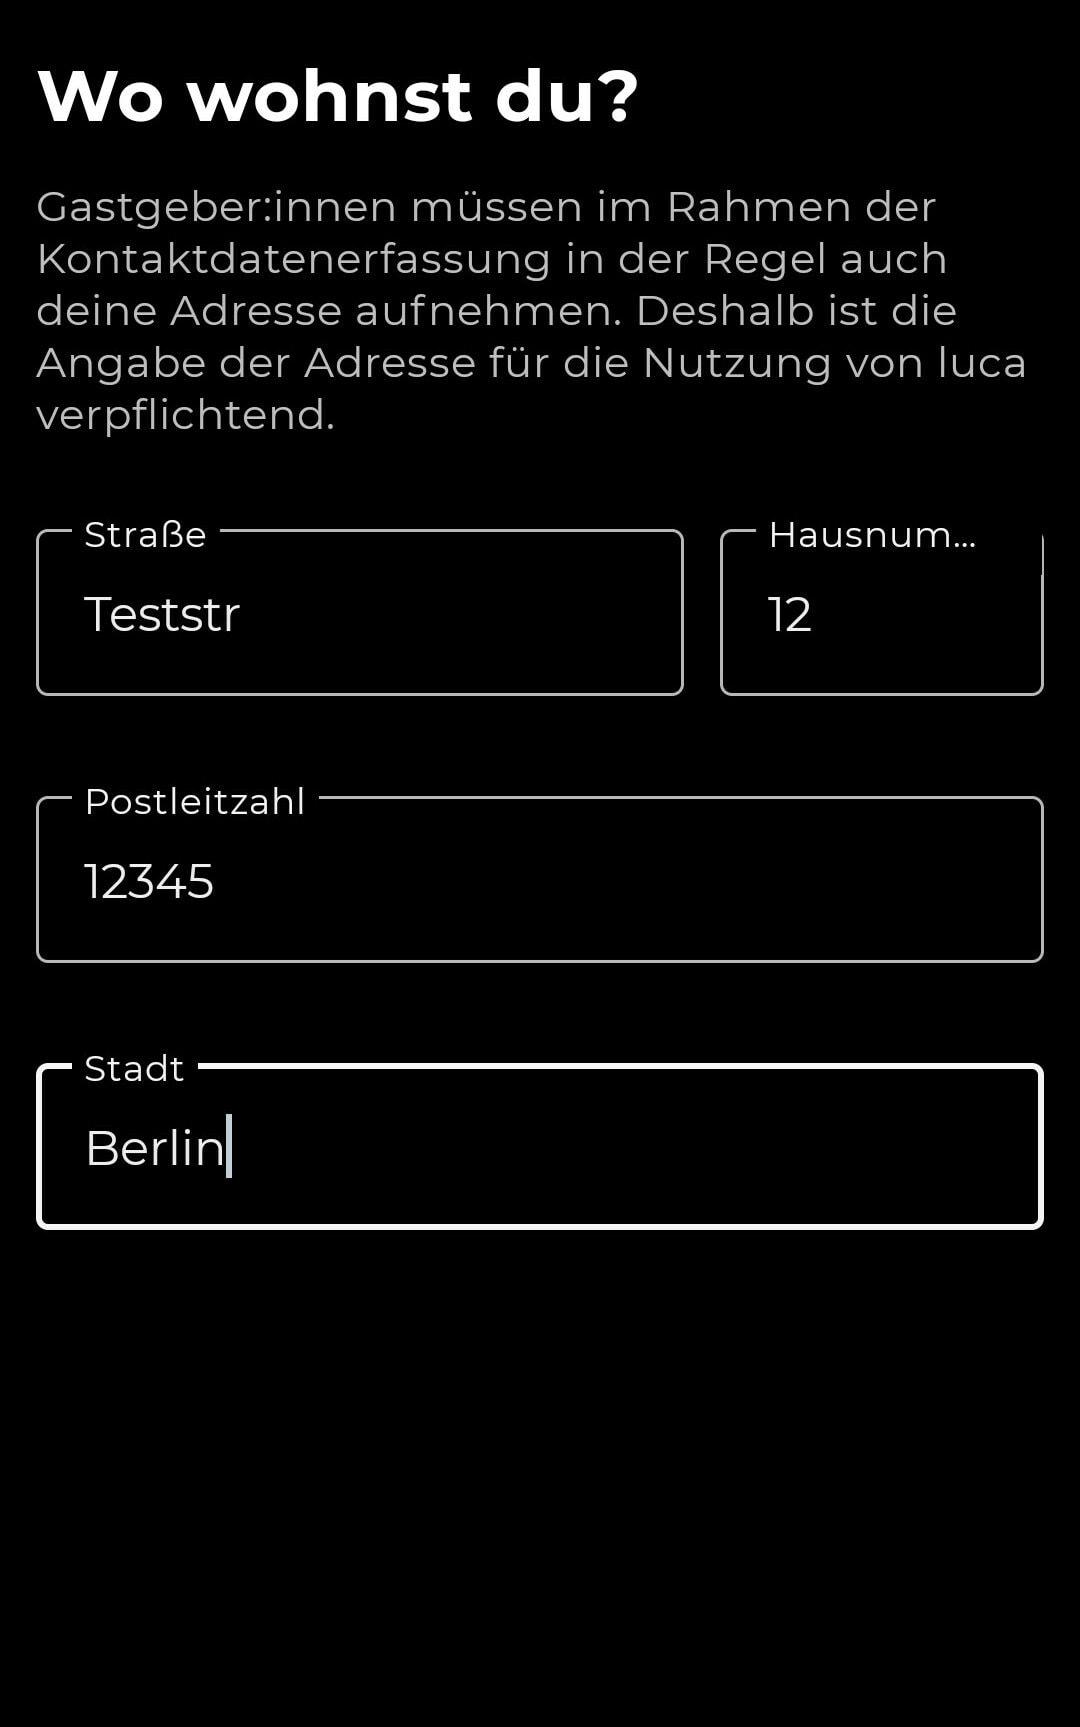 Auf der Luca-App sind Fakenamen möglich